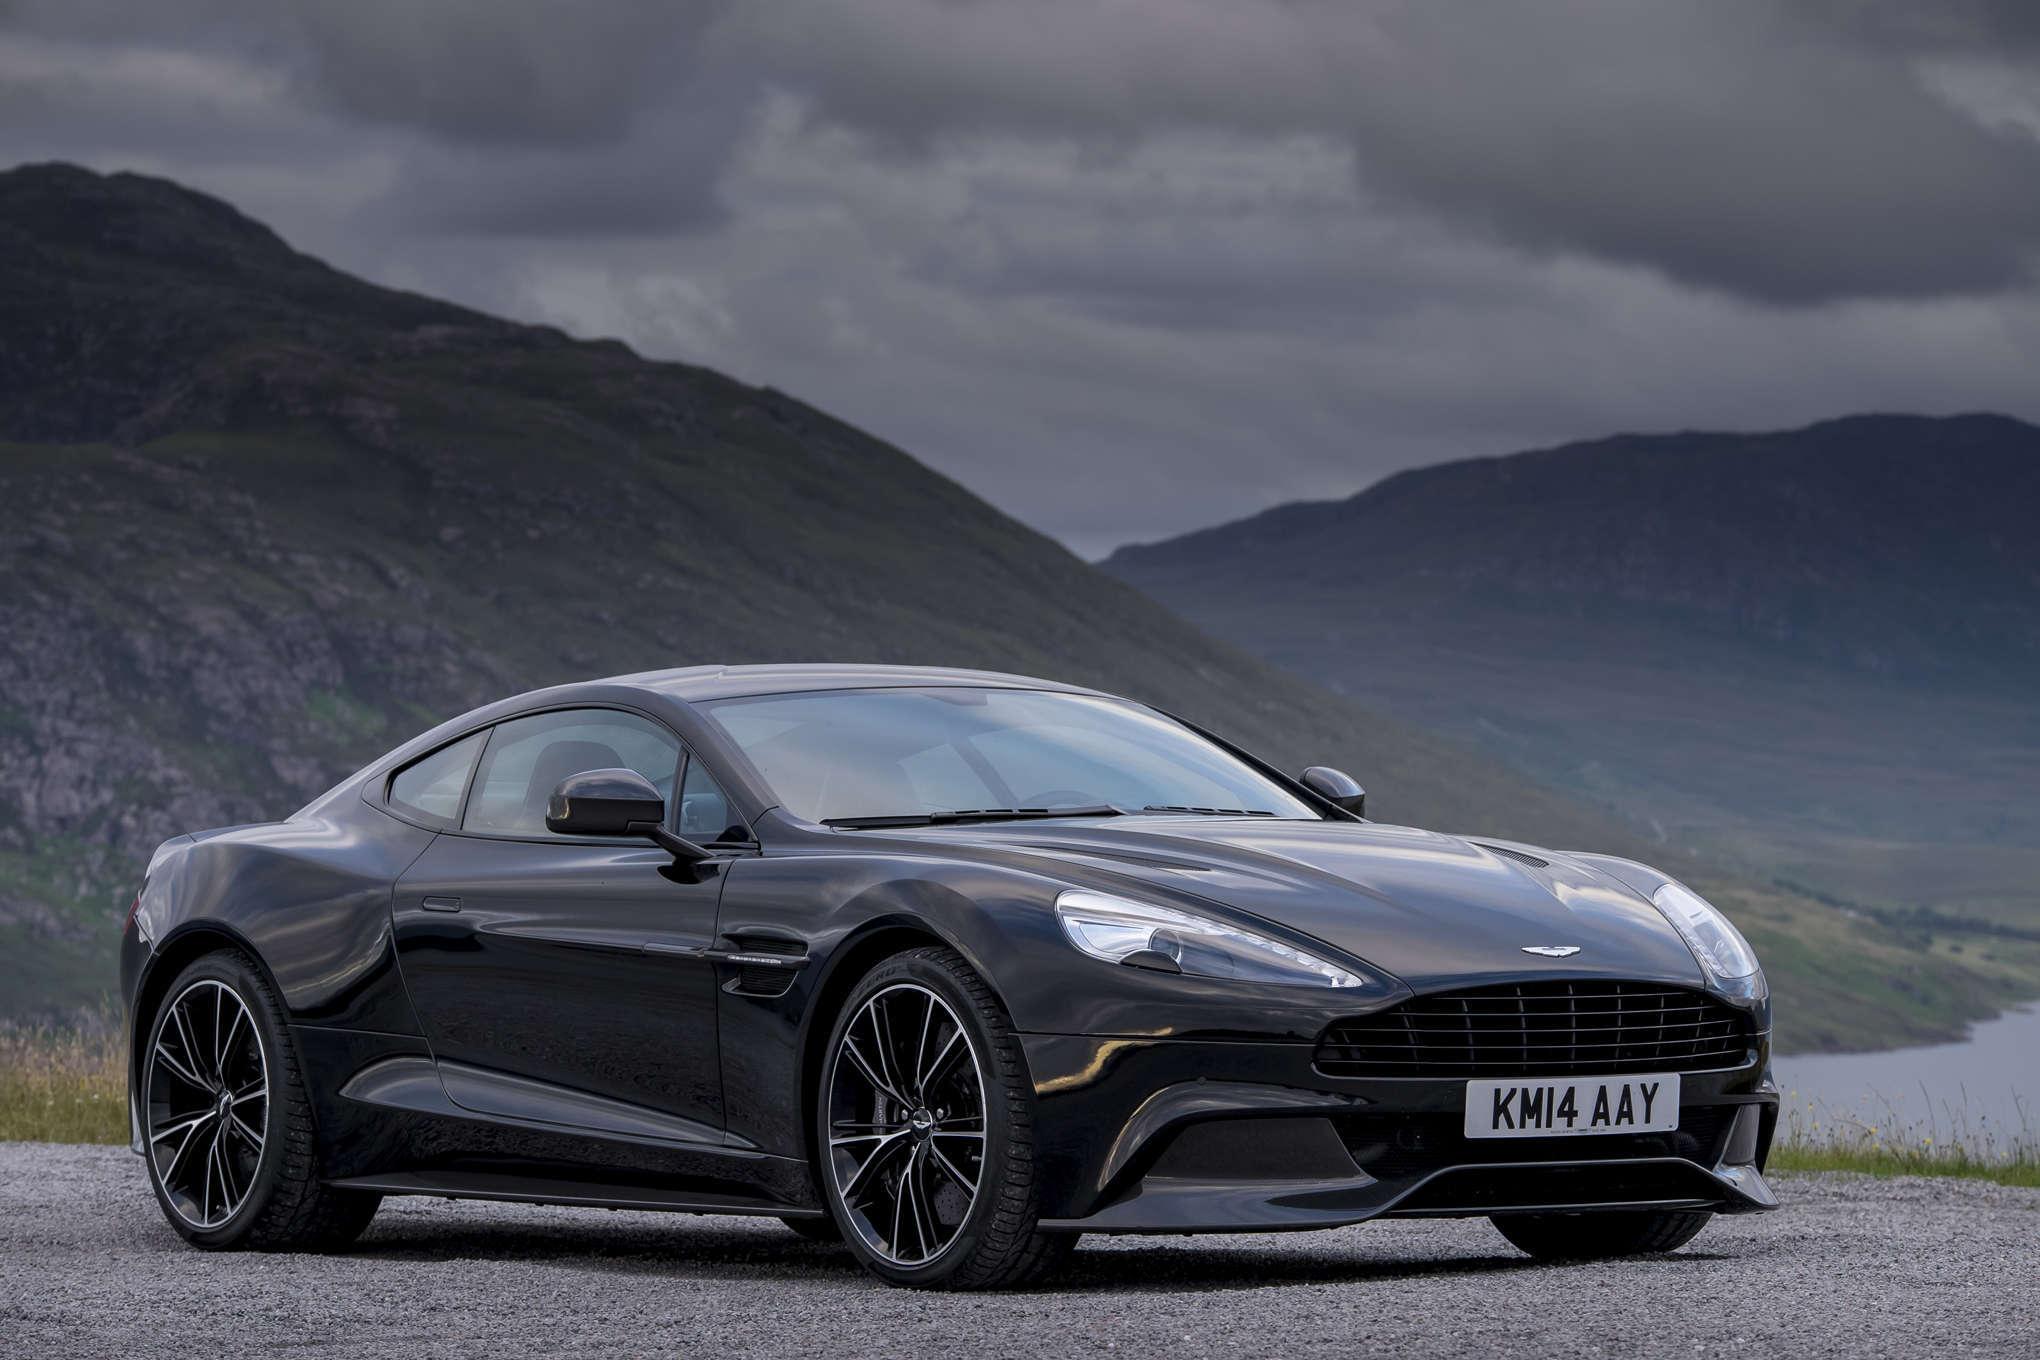 2015 Aston Martin Vanquish Volante High Definition Image  Download 2040x1360